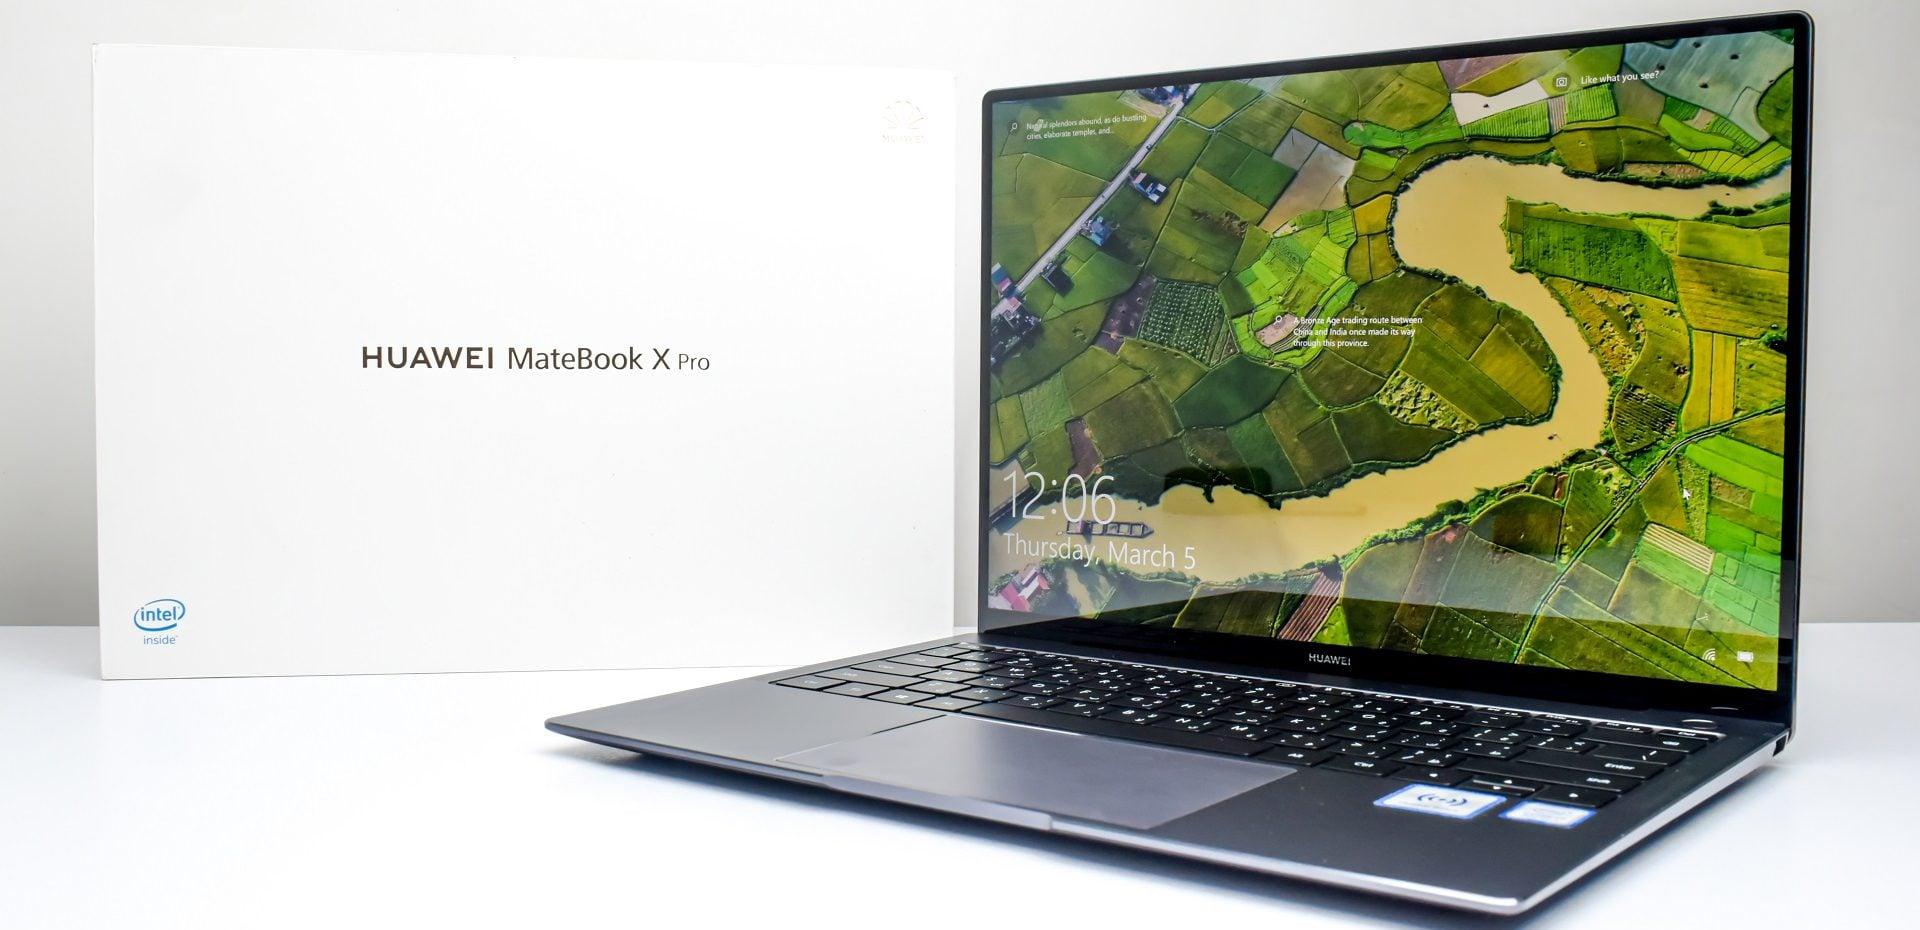 بررسی لپتاپ میت بوک X Pro 2019 هوآوی